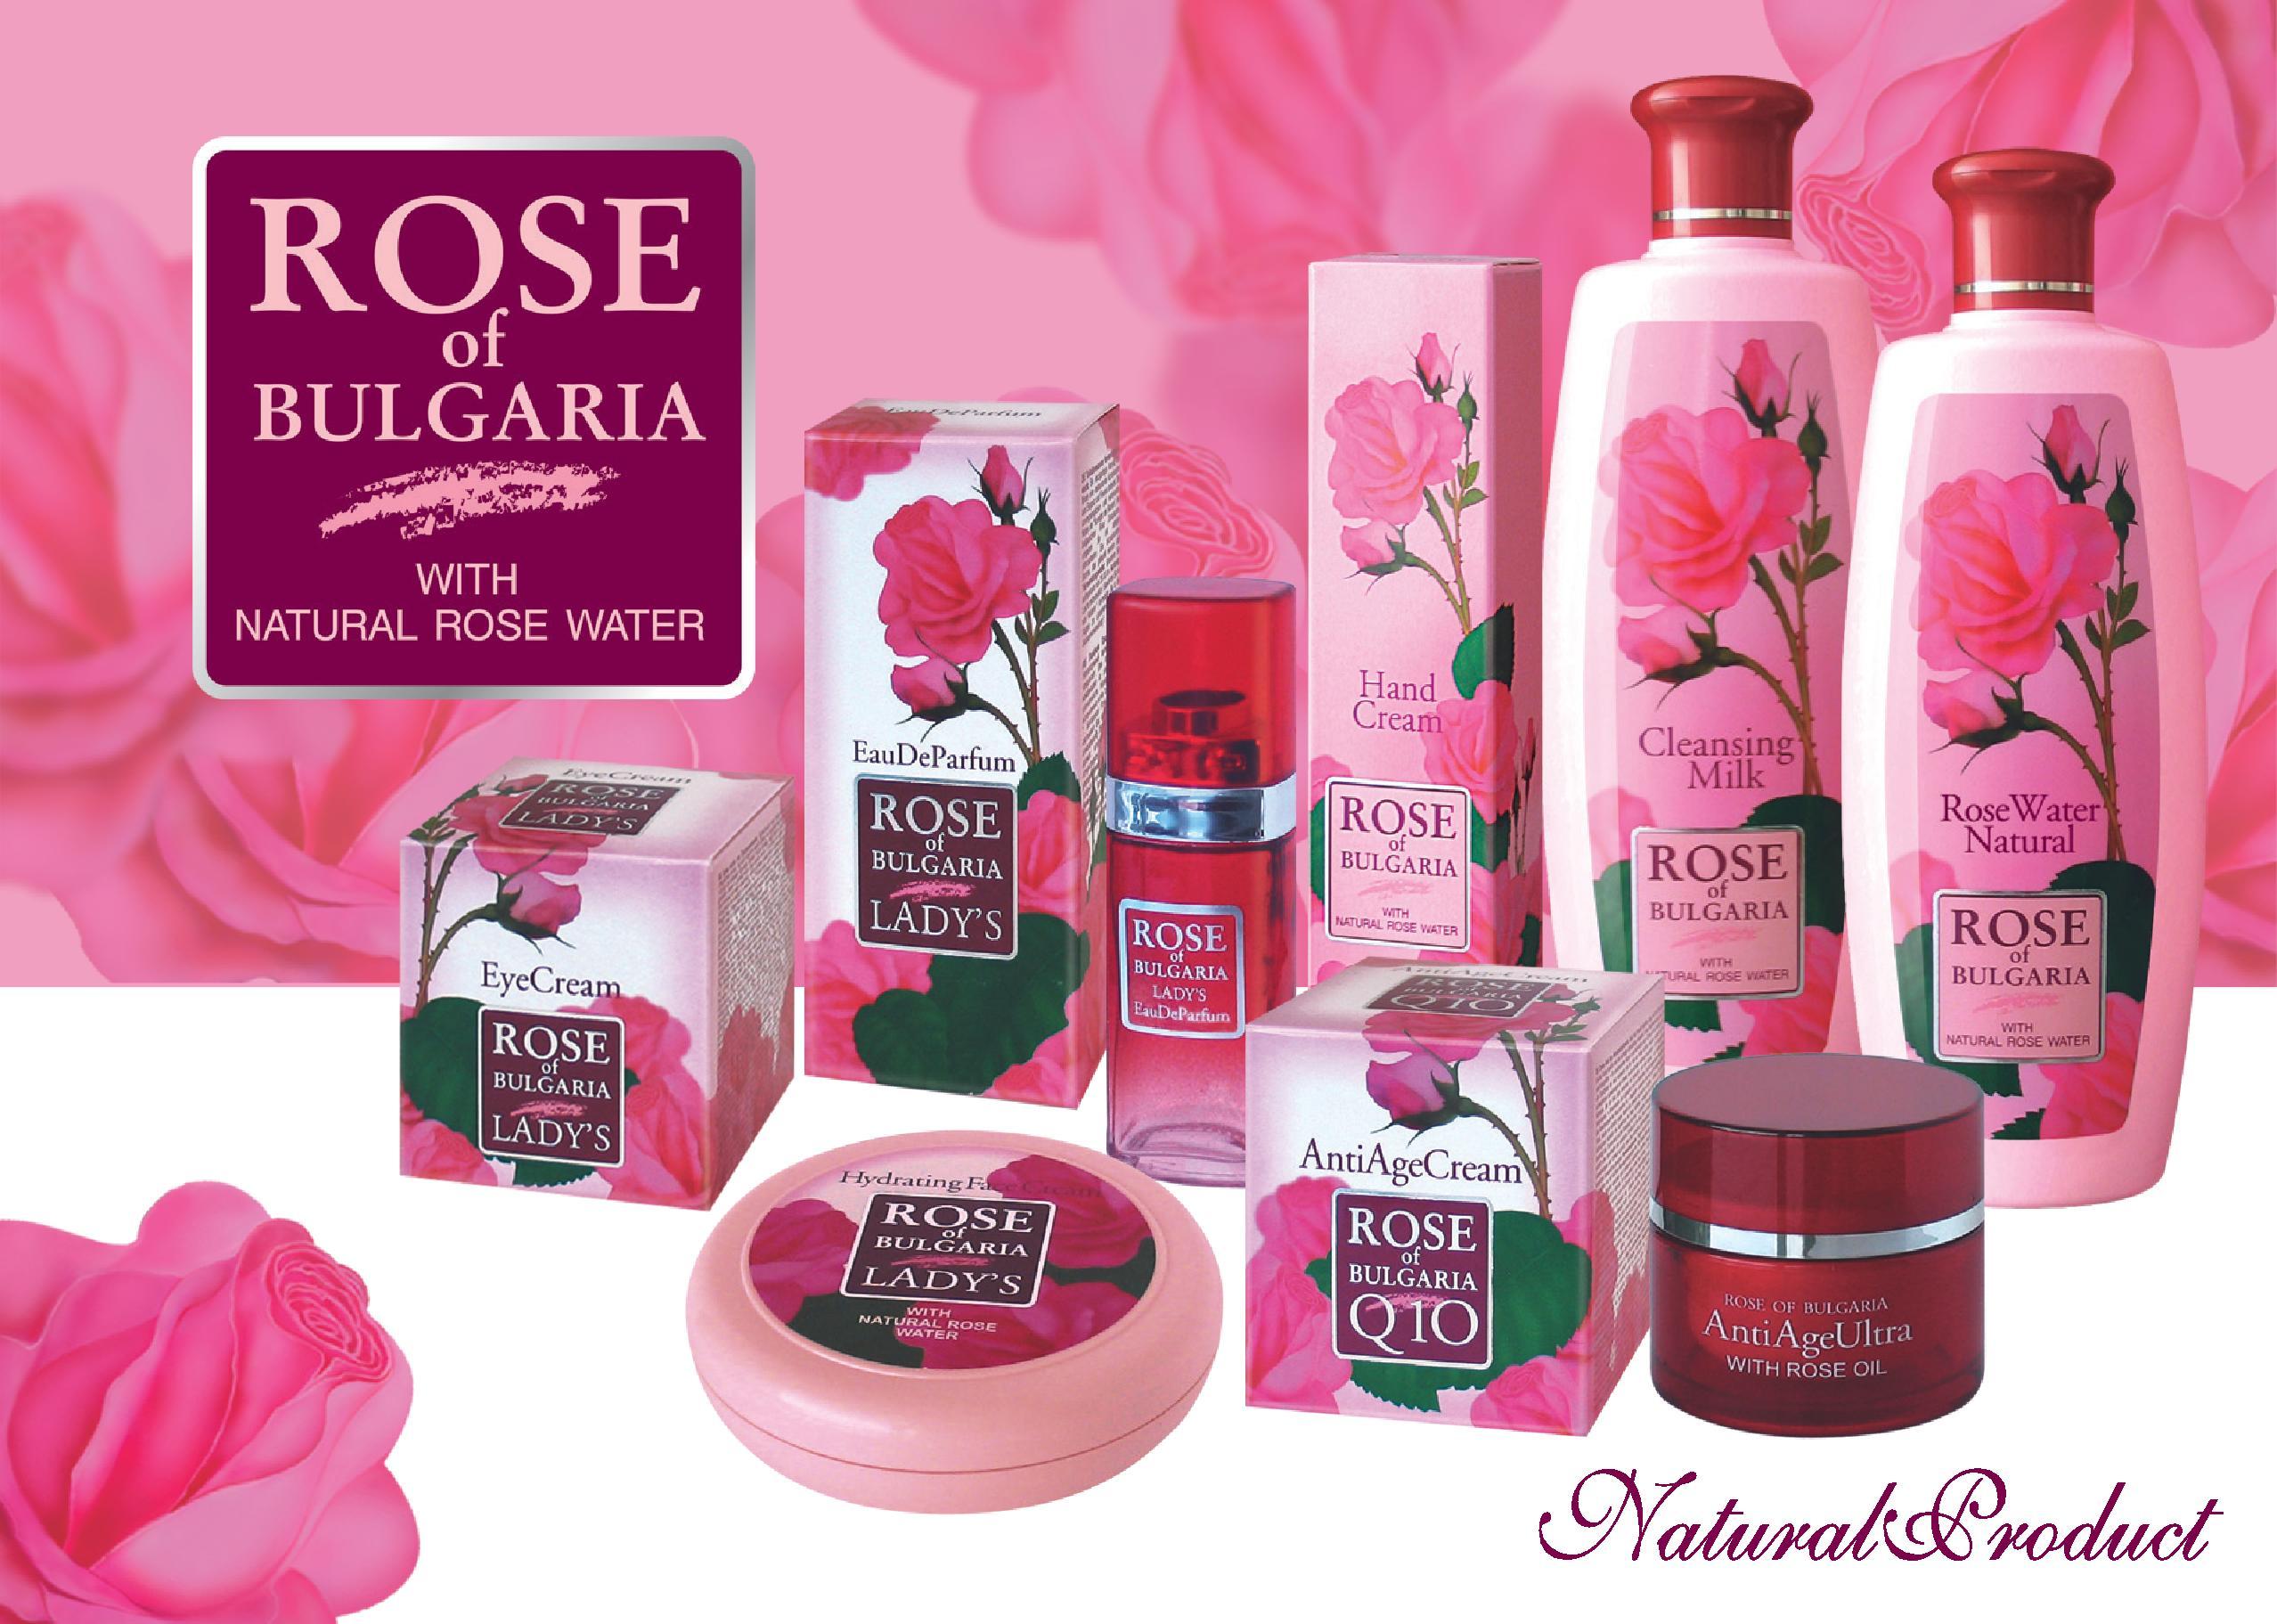 Сбор заказов.Золото природы для Вашей красоты. 100% натуральная косметика из сердца Болгарии на основе масел розы, лаванды, оливы. Распродажа на весь ассортимент 30%. Быстро!